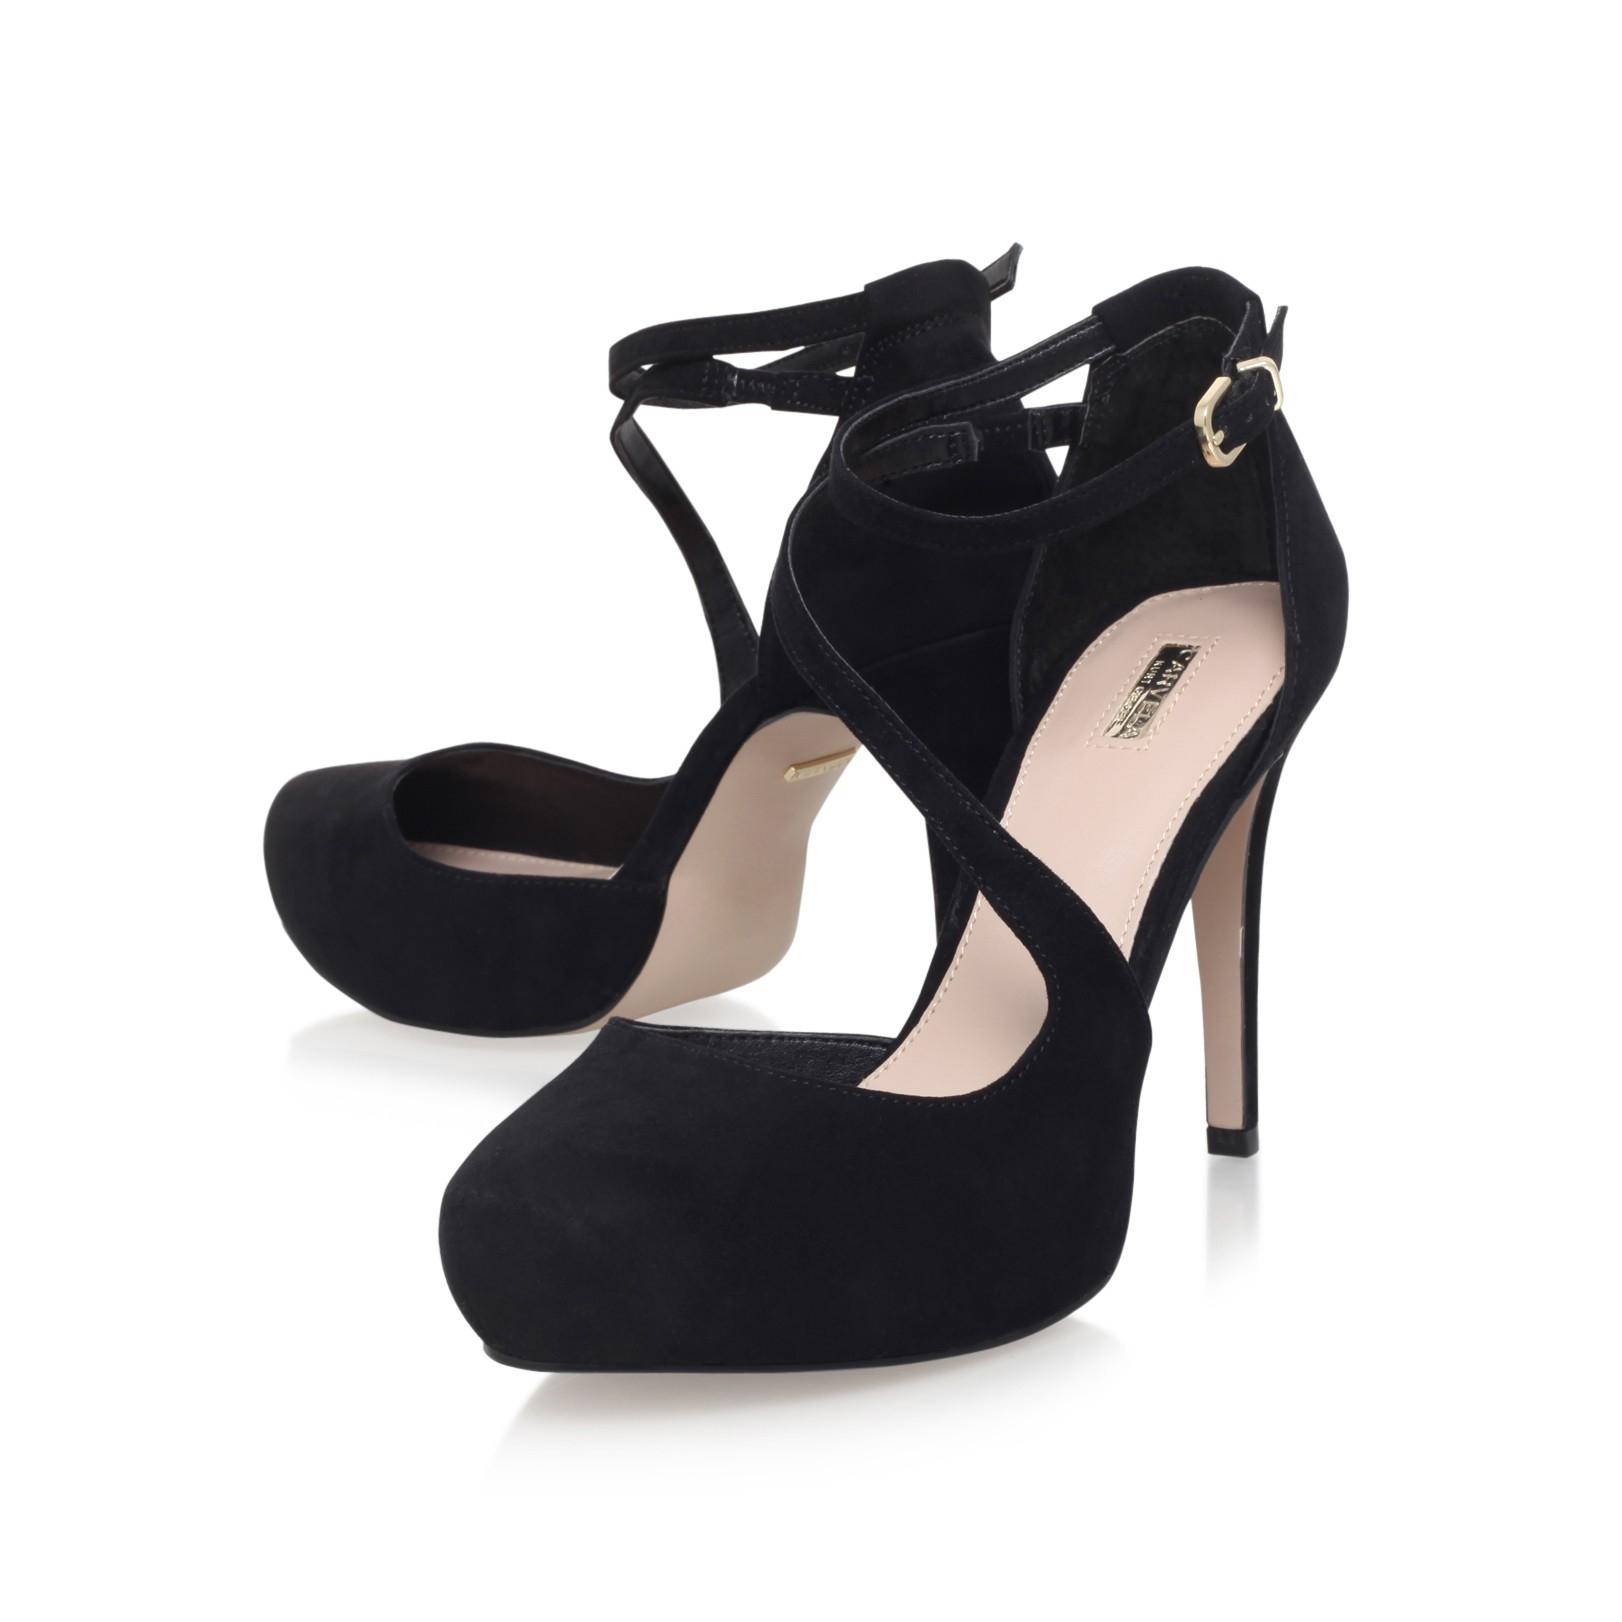 Carvela Antler High Heel Court Shoes